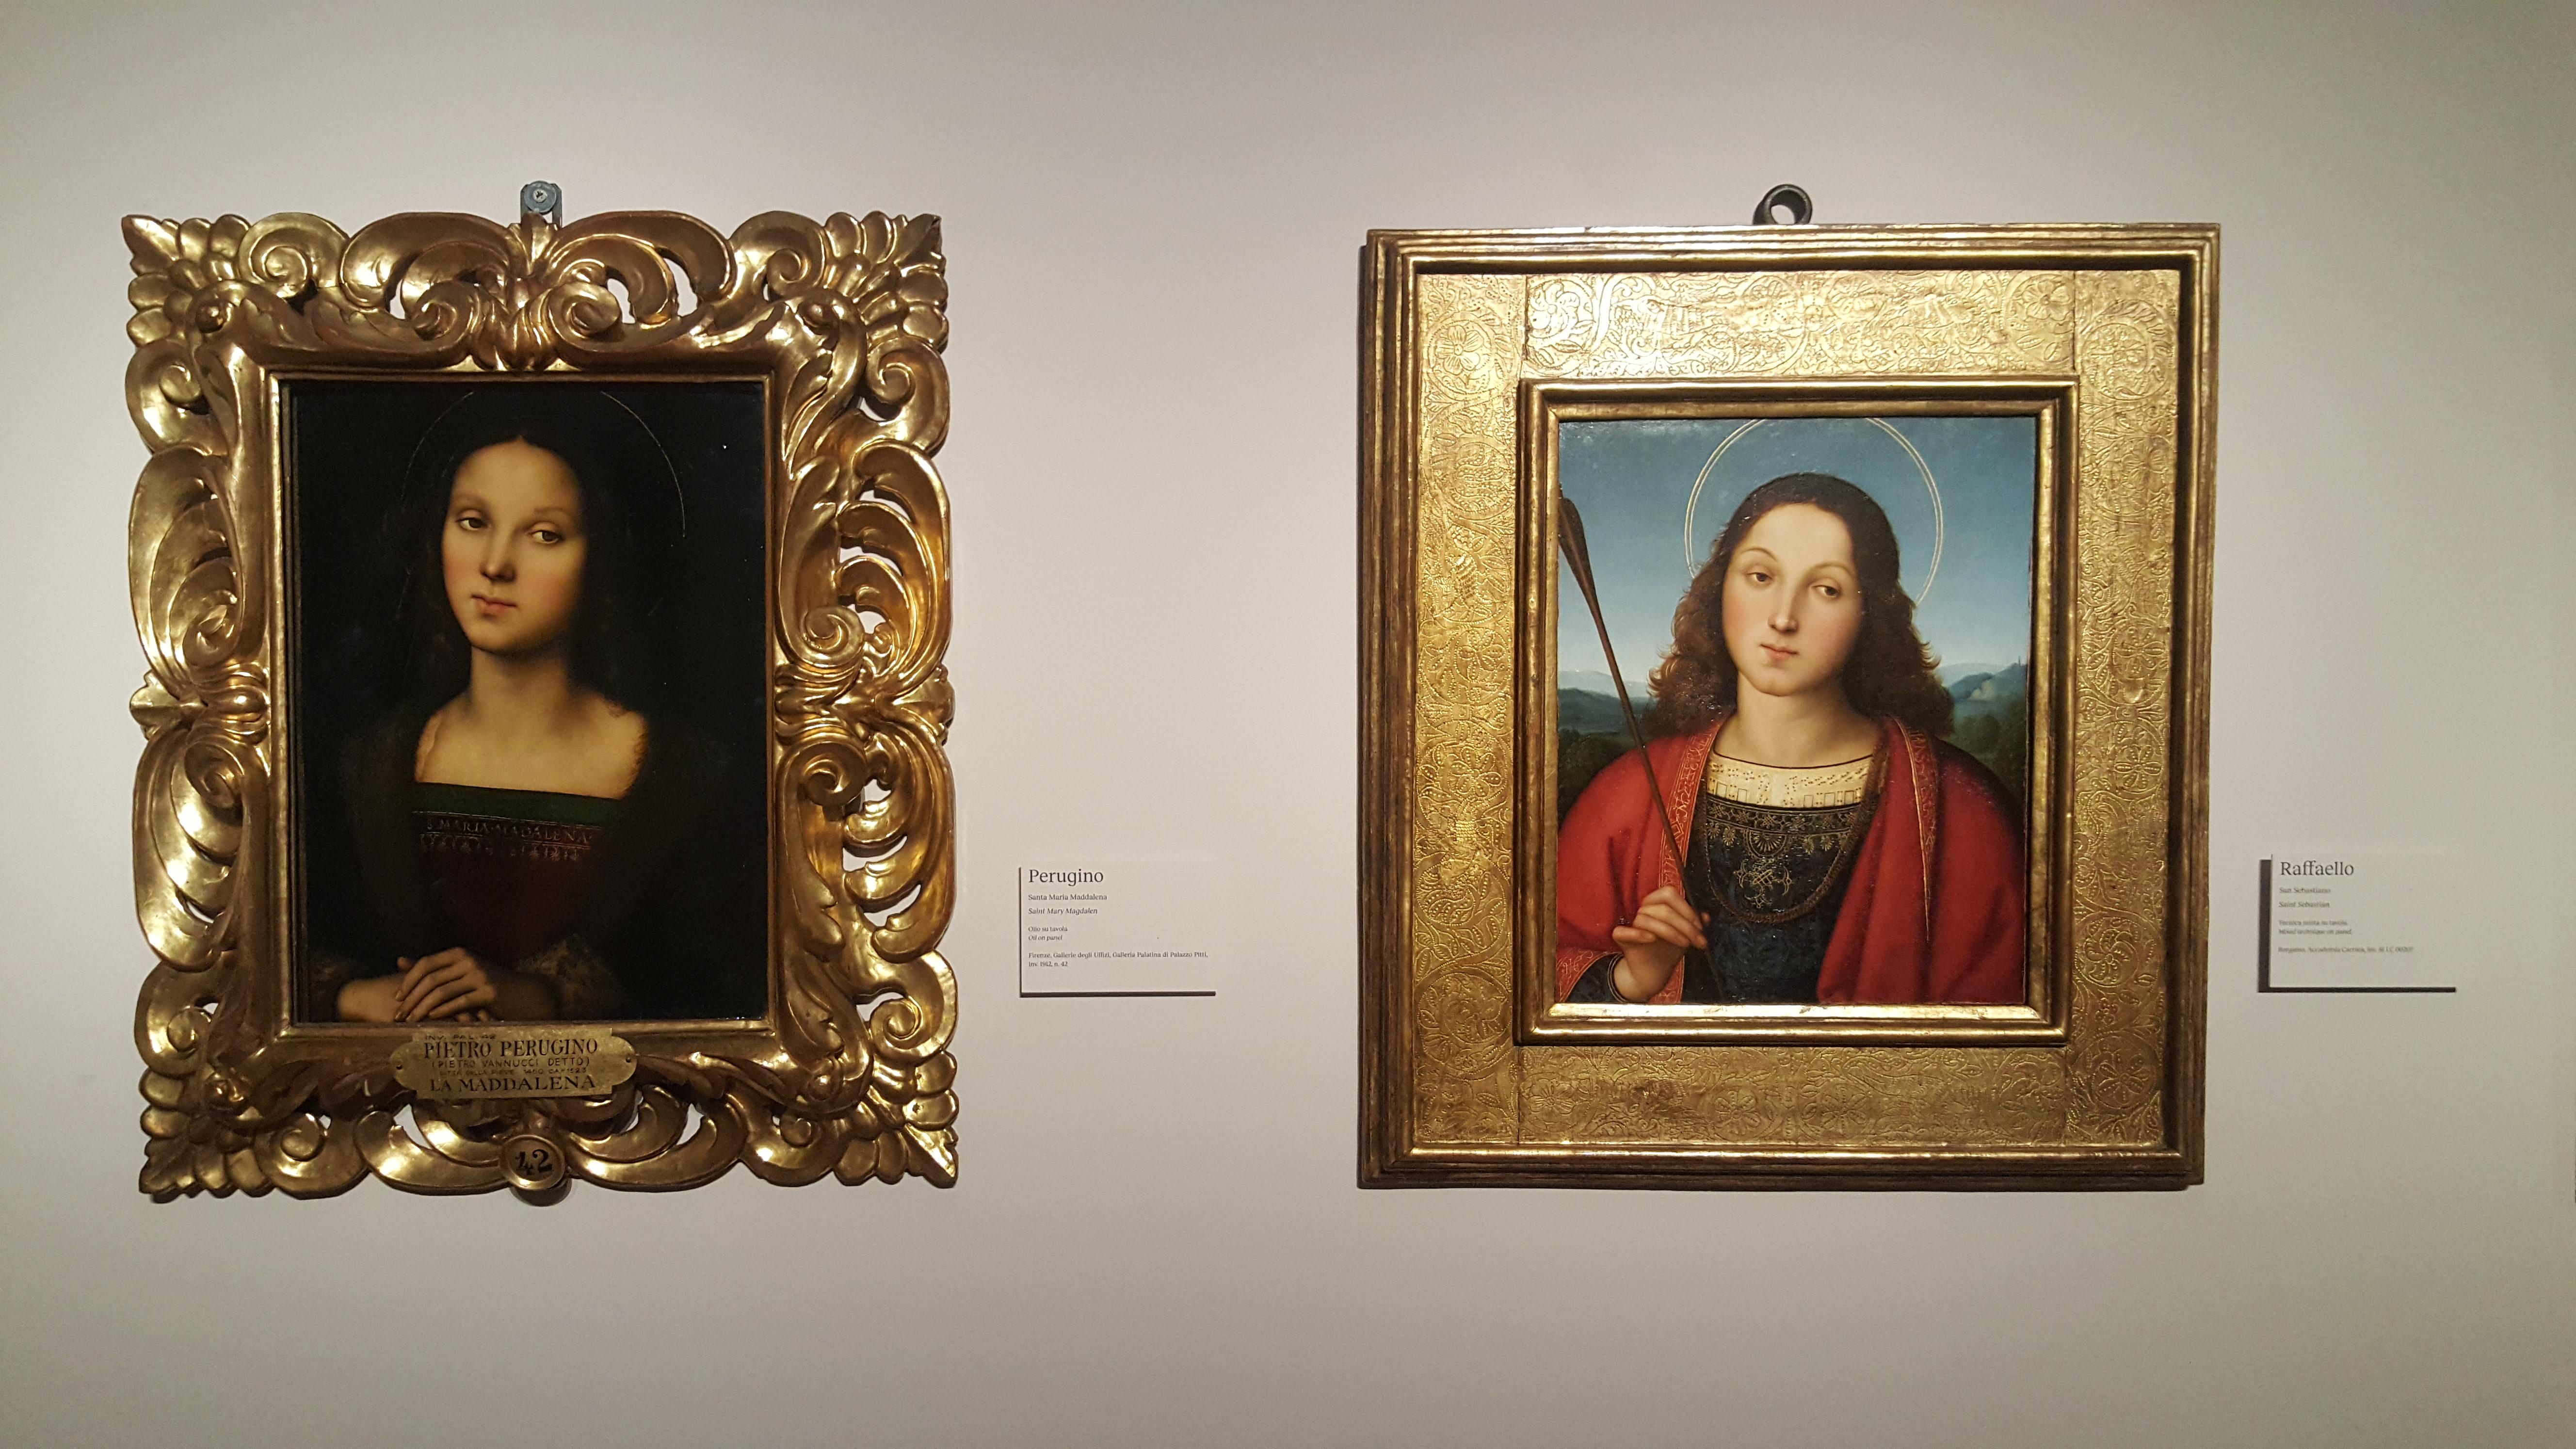 Raffaello, Galleria Nazionale delle Marche-Palazzo Ducale